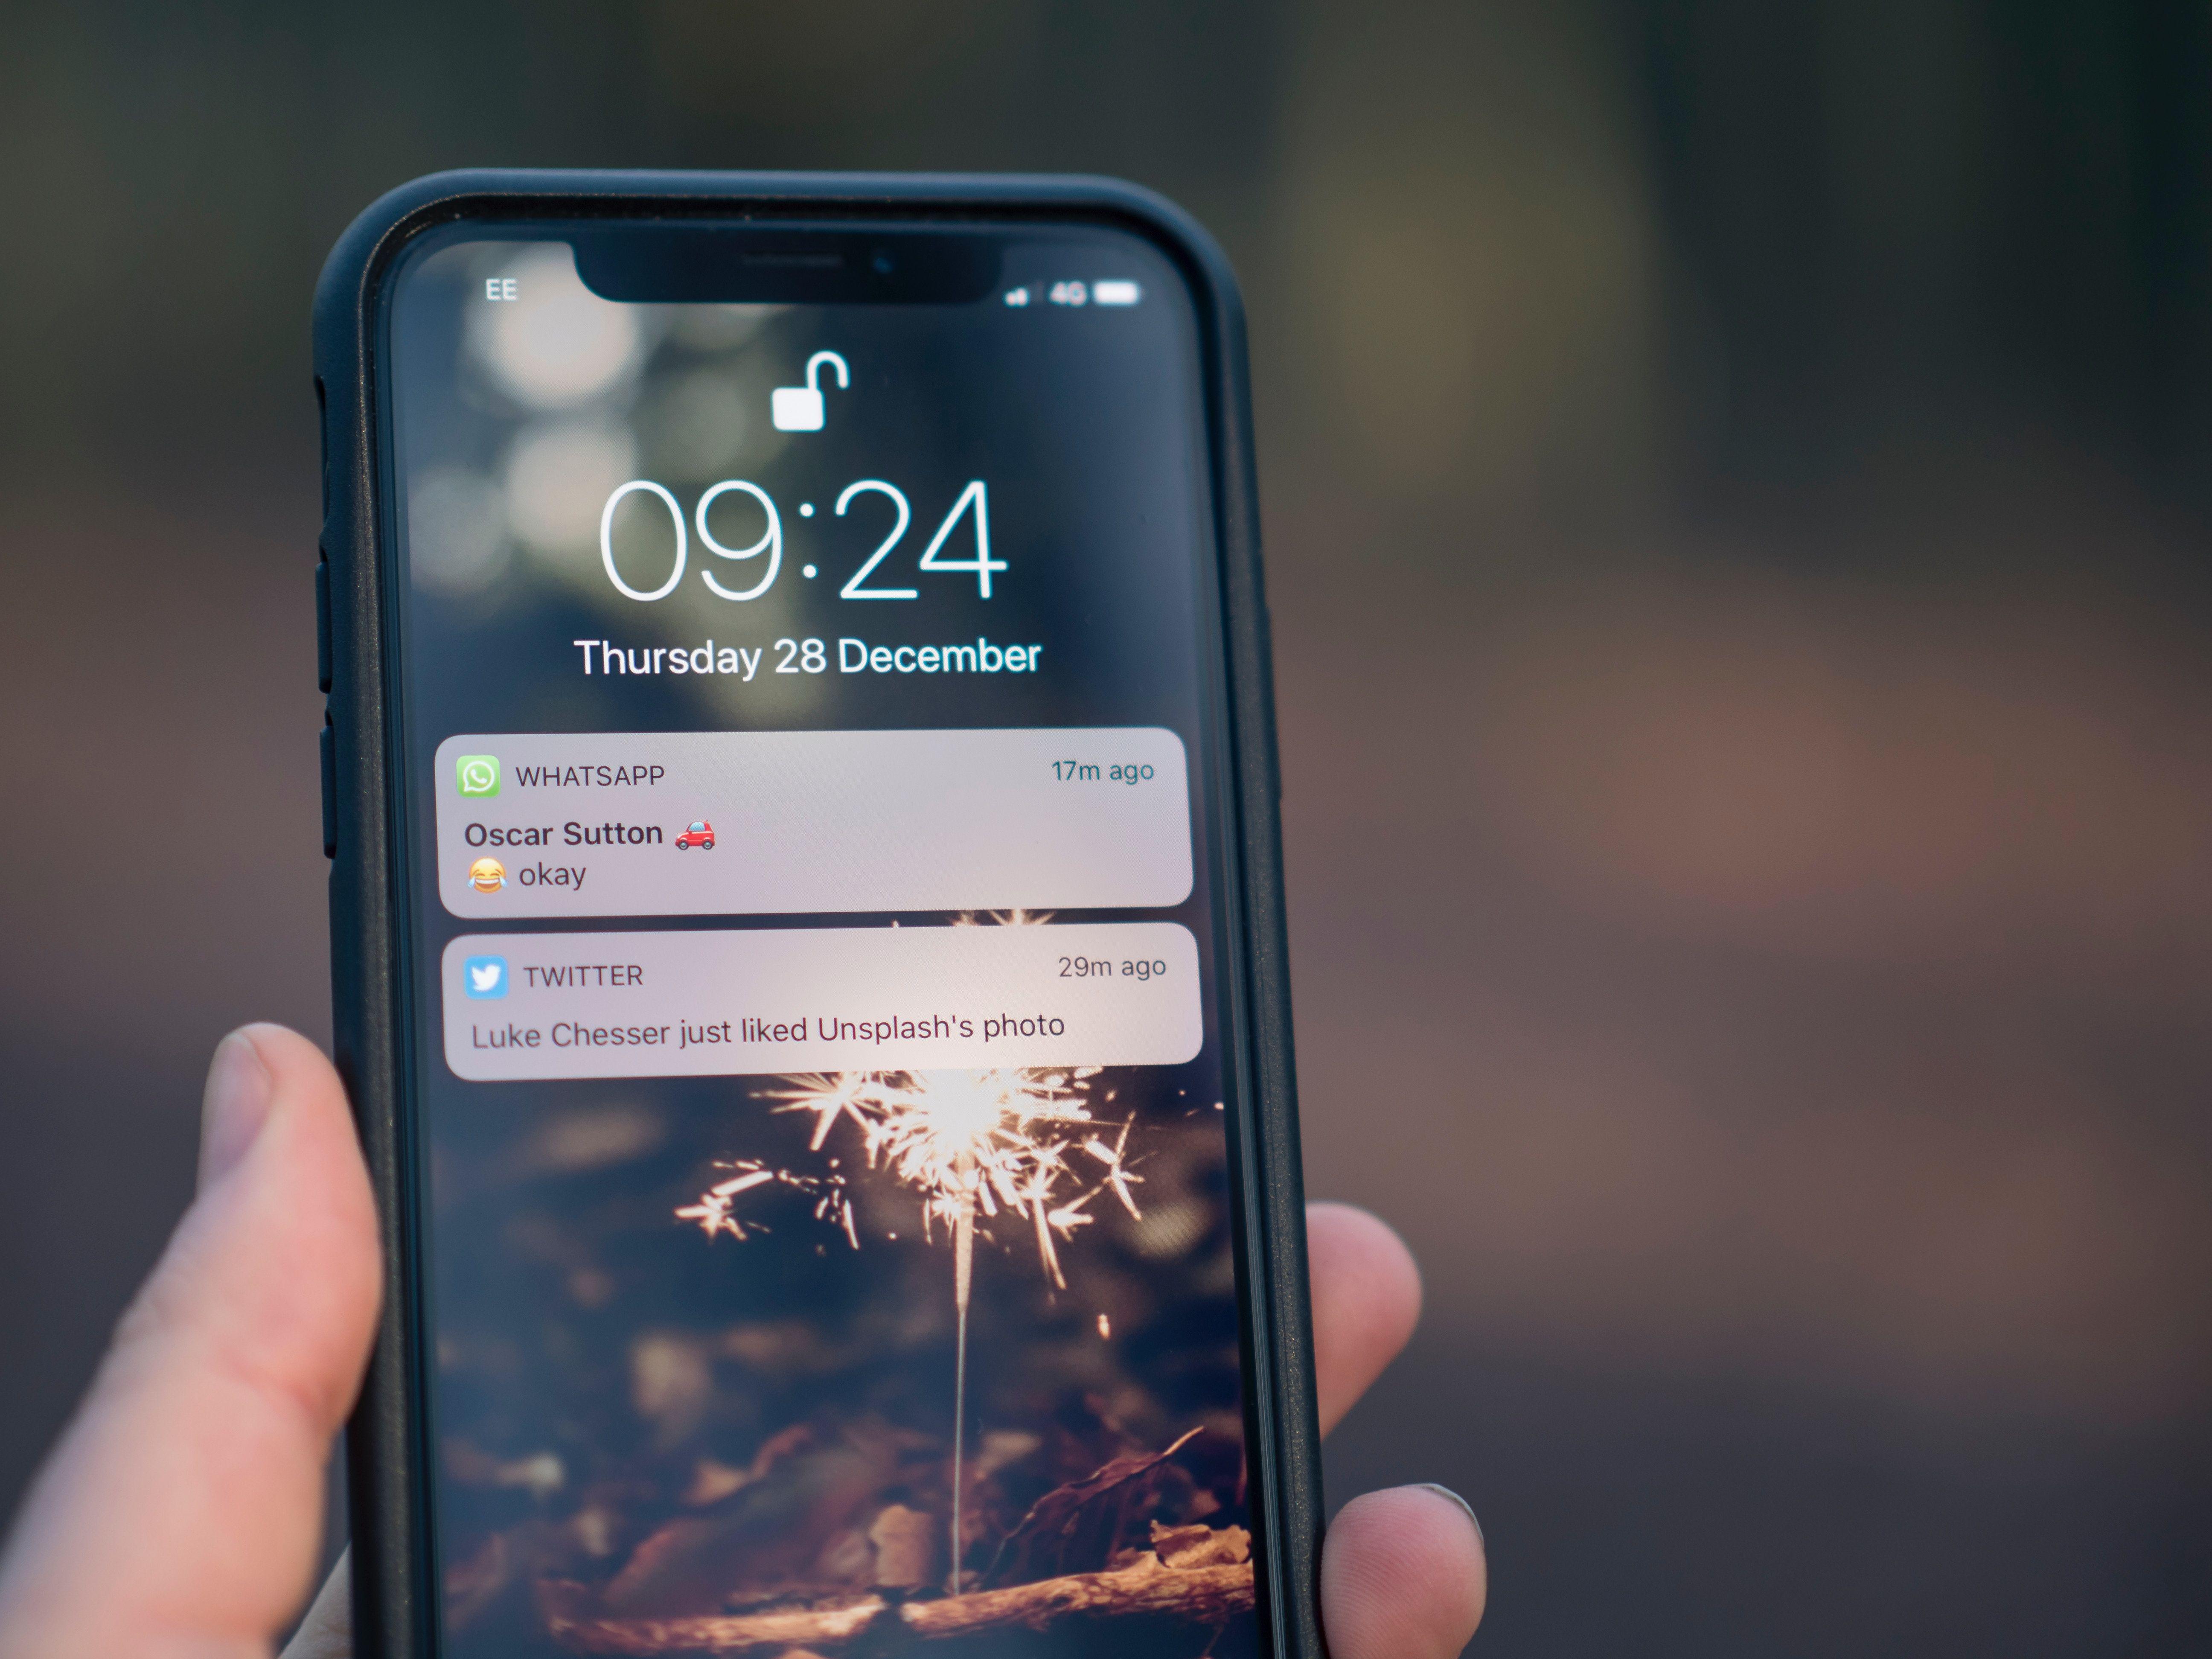 Come fare un video screenshot del proprio smartphone